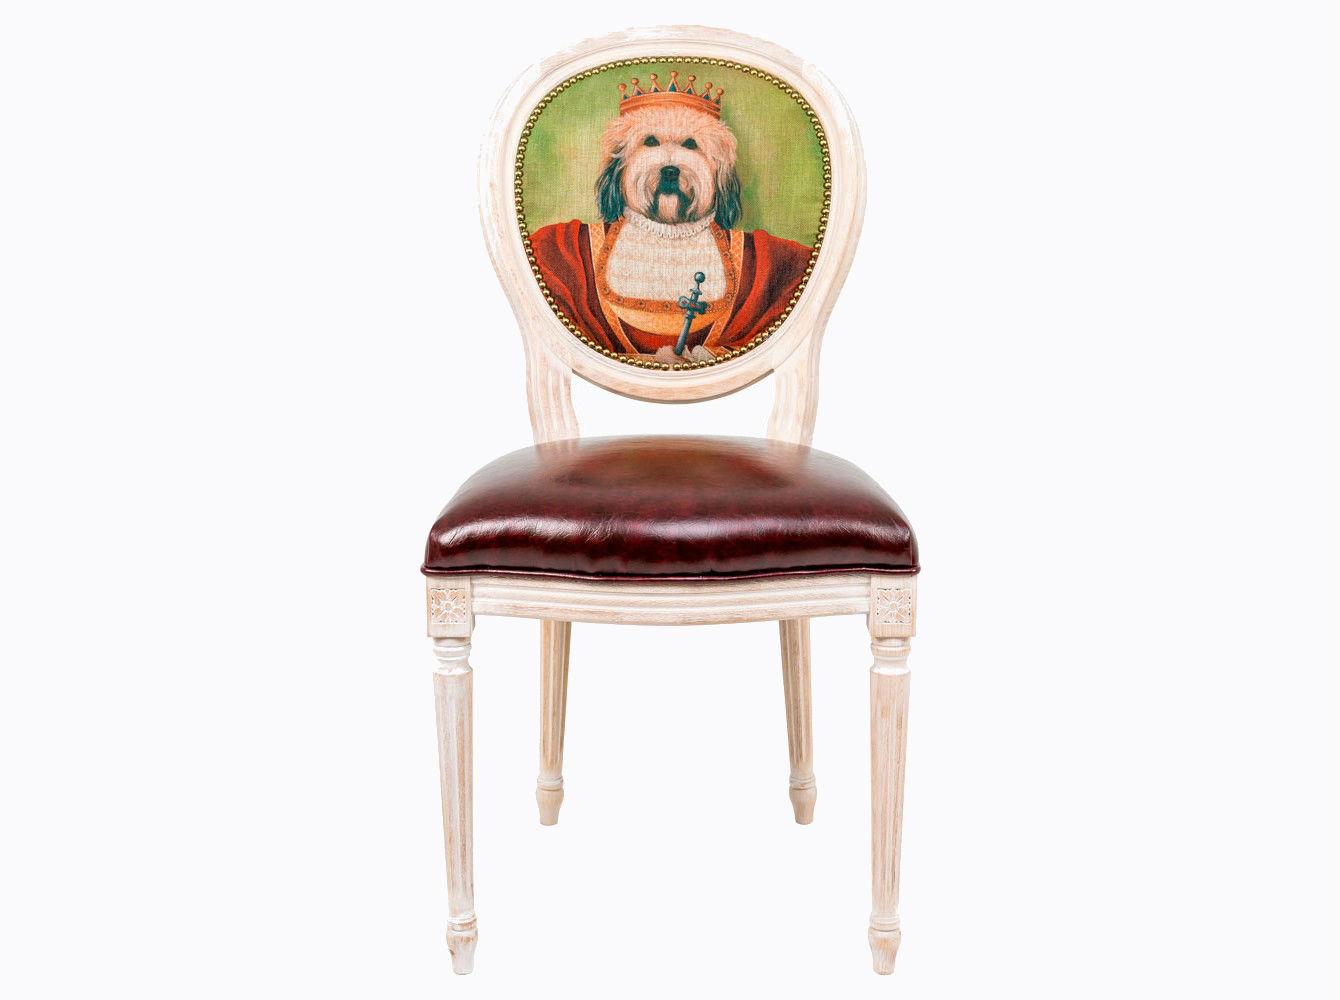 Стул «Музейный экспонат», версия 21Обеденные стулья<br>Стул &amp;quot;Музейный экспонат&amp;quot; - универсальное, но отборное решение гостиной и столовой, каминного зала, холла и кабинета, спальни и детской комнаты. Дизайн стула создан эффектом экстравагантных контрастных сочетаний. Блестящее шоколадное сиденье объединилось с шелковистой льняной спинкой, а королевский силуэт эпохи Луи-Филиппа - с рисунком в жанре современного анимализма. Дизайны, символизирующие животный мир и сказки, поддерживают наш эмоциональный баланс. Корпус стула изготовлен из натурального бука. Среди европейских пород бук считается самым прочным и долговечным материалом.  По эксклюзивному дизайну &amp;quot;Объекта мечты&amp;quot; корпусы стульев серии &amp;quot;Музейный экспонат&amp;quot; выточены, брашированы и патинированы в Италии. Комфортабельность, прочность и долговечность сиденья обеспечены подвеской из эластичных ремней. Обивка спинки оснащена тефлоновым покрытием против пятен.&amp;amp;nbsp;&amp;lt;div&amp;gt;&amp;lt;br&amp;gt;&amp;lt;/div&amp;gt;&amp;lt;div&amp;gt;Каркас - натуральное дерево бука, обивка сиденья и оборотной стороны спинки - эко-кожа, обивка спинки: 29% лен, 9 % хлопок, 72% полиэстер&amp;lt;br&amp;gt;&amp;lt;div&amp;gt;&amp;lt;br&amp;gt;&amp;lt;/div&amp;gt;&amp;lt;div&amp;gt;&amp;lt;br&amp;gt;&amp;lt;/div&amp;gt;&amp;lt;/div&amp;gt;<br><br>Material: Дерево<br>Width см: 55<br>Depth см: 50<br>Height см: 95